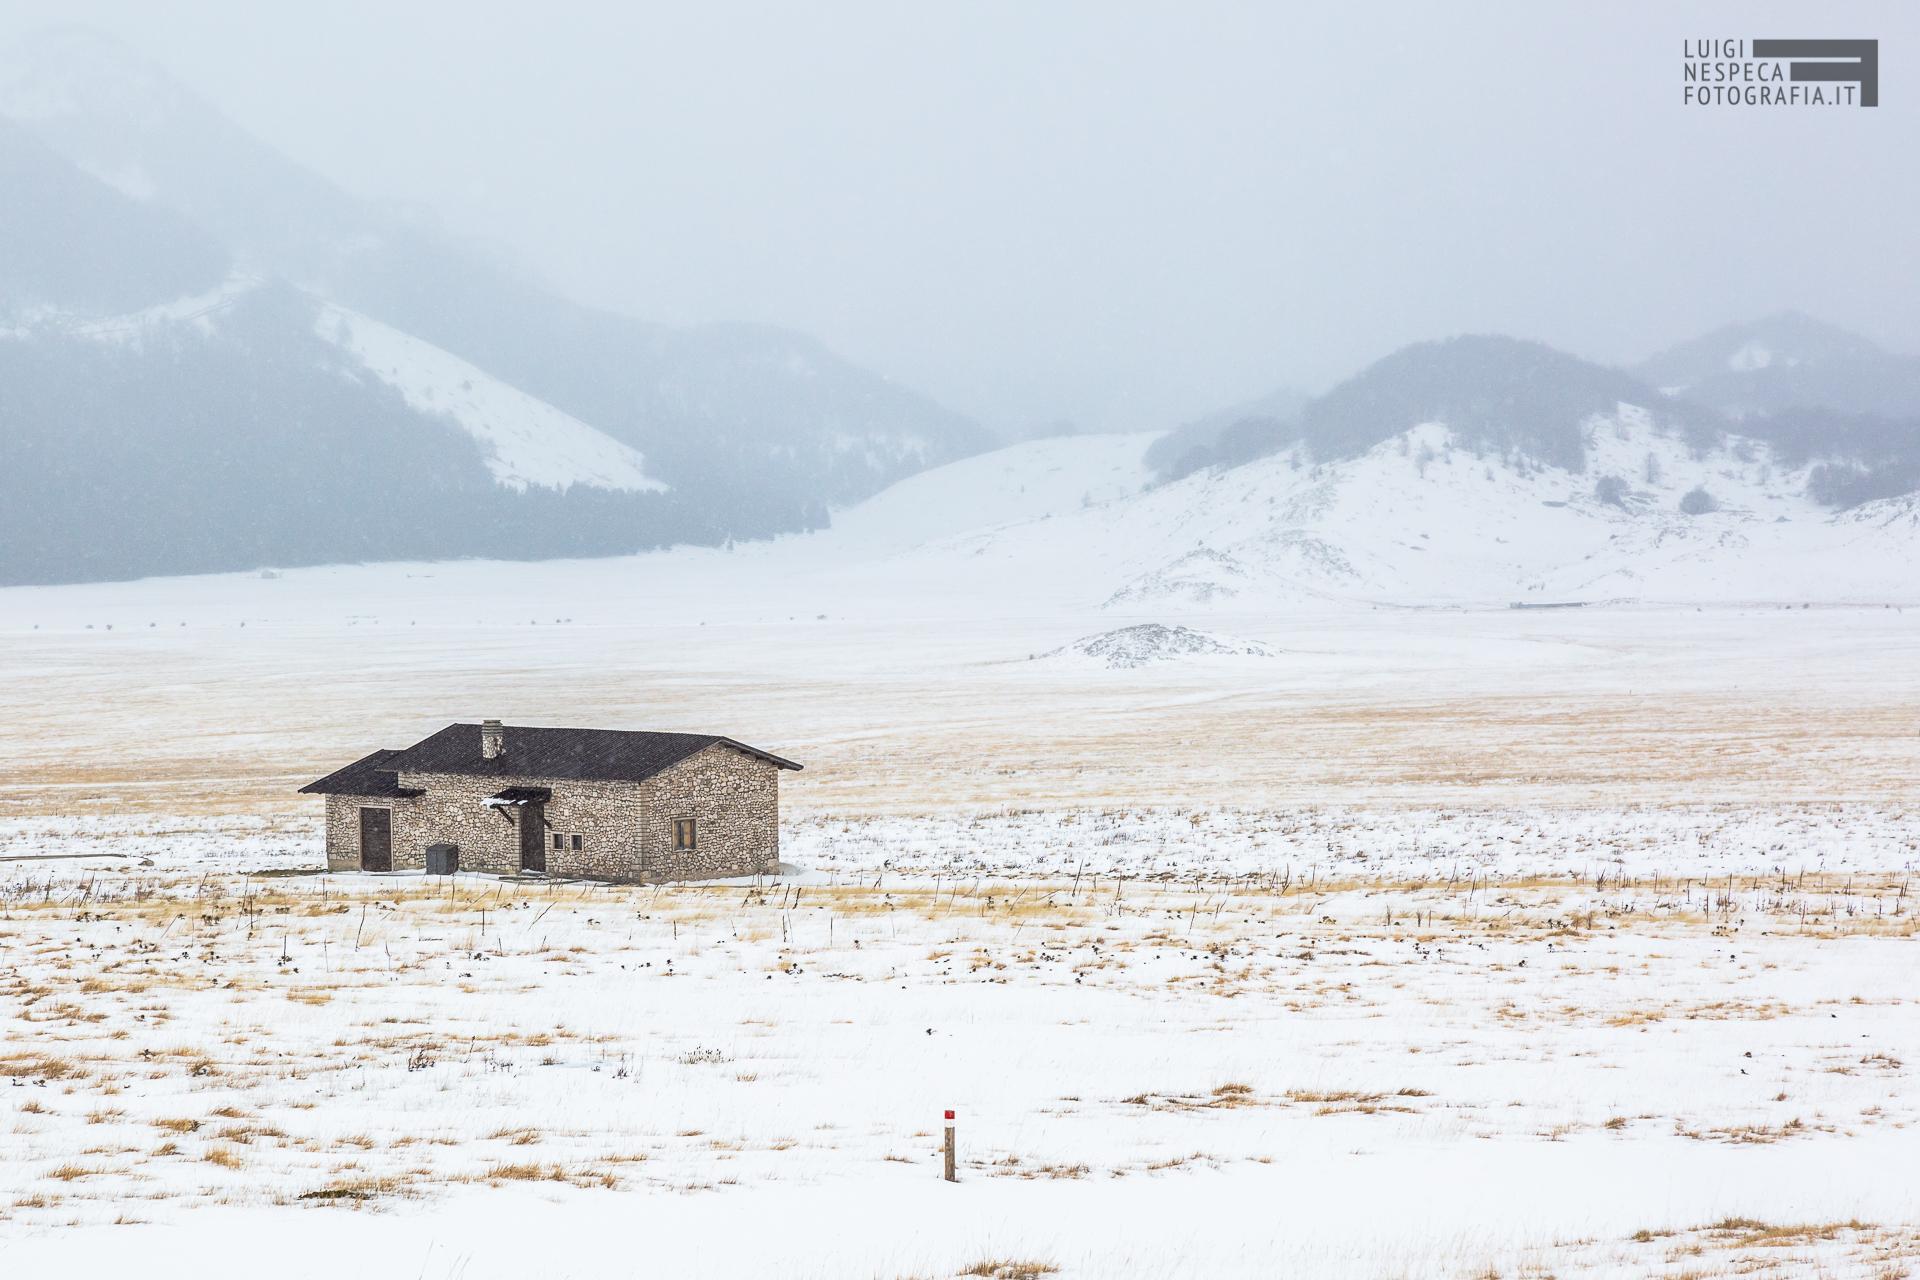 38 - Nuovo inverno a Fonte Vetica - Un anno al Gran Sasso